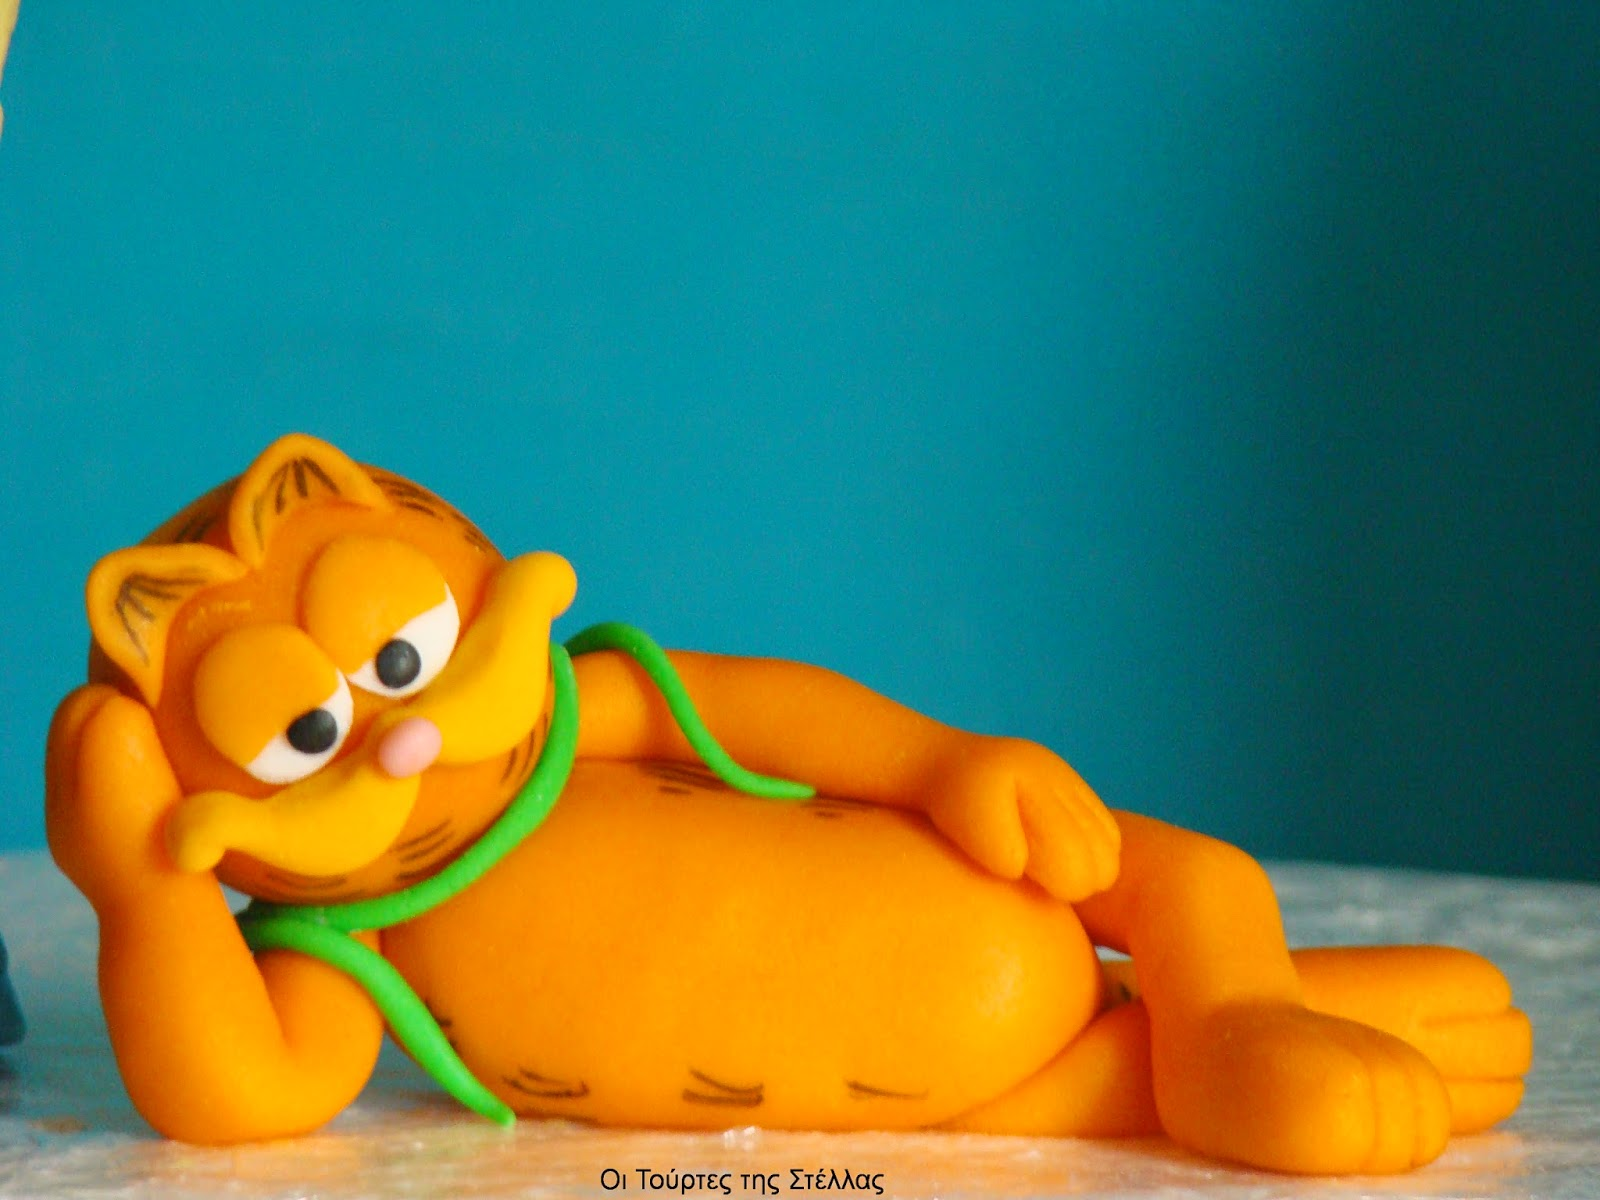 Φιγούρα Garfield από ζαχαρόπαστα